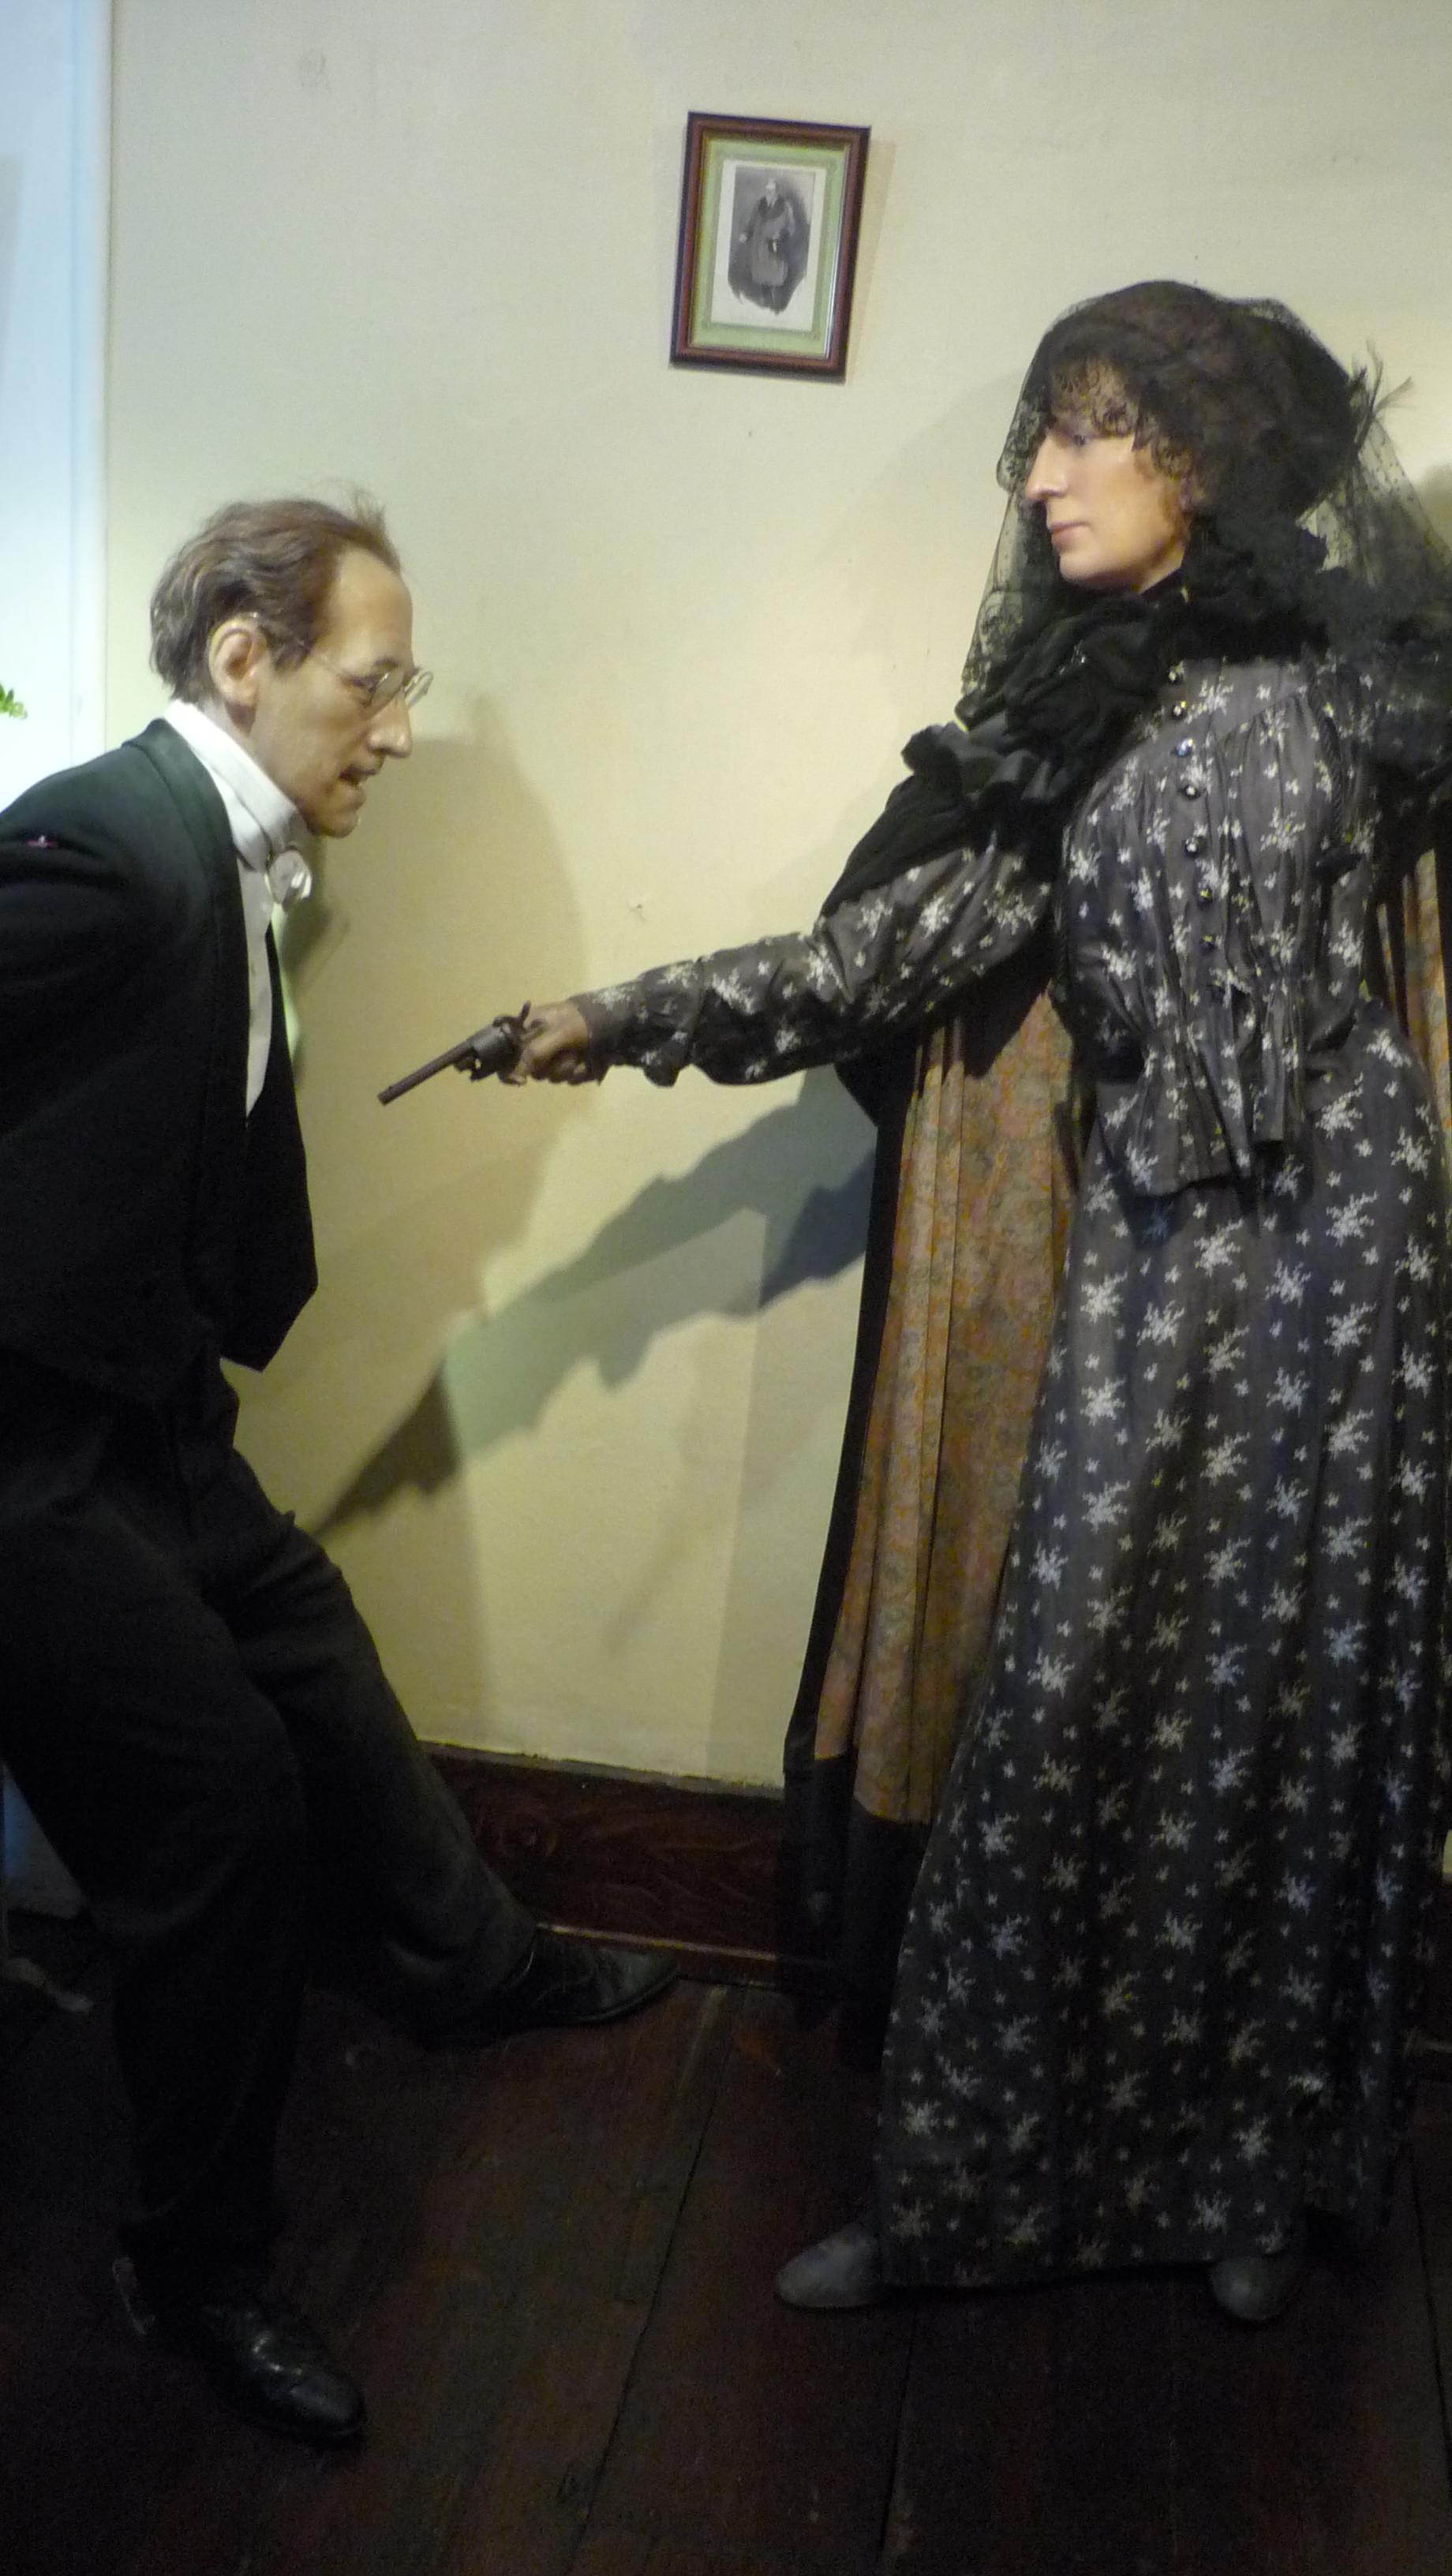 Autre scène extraite de Sherlock Holmes